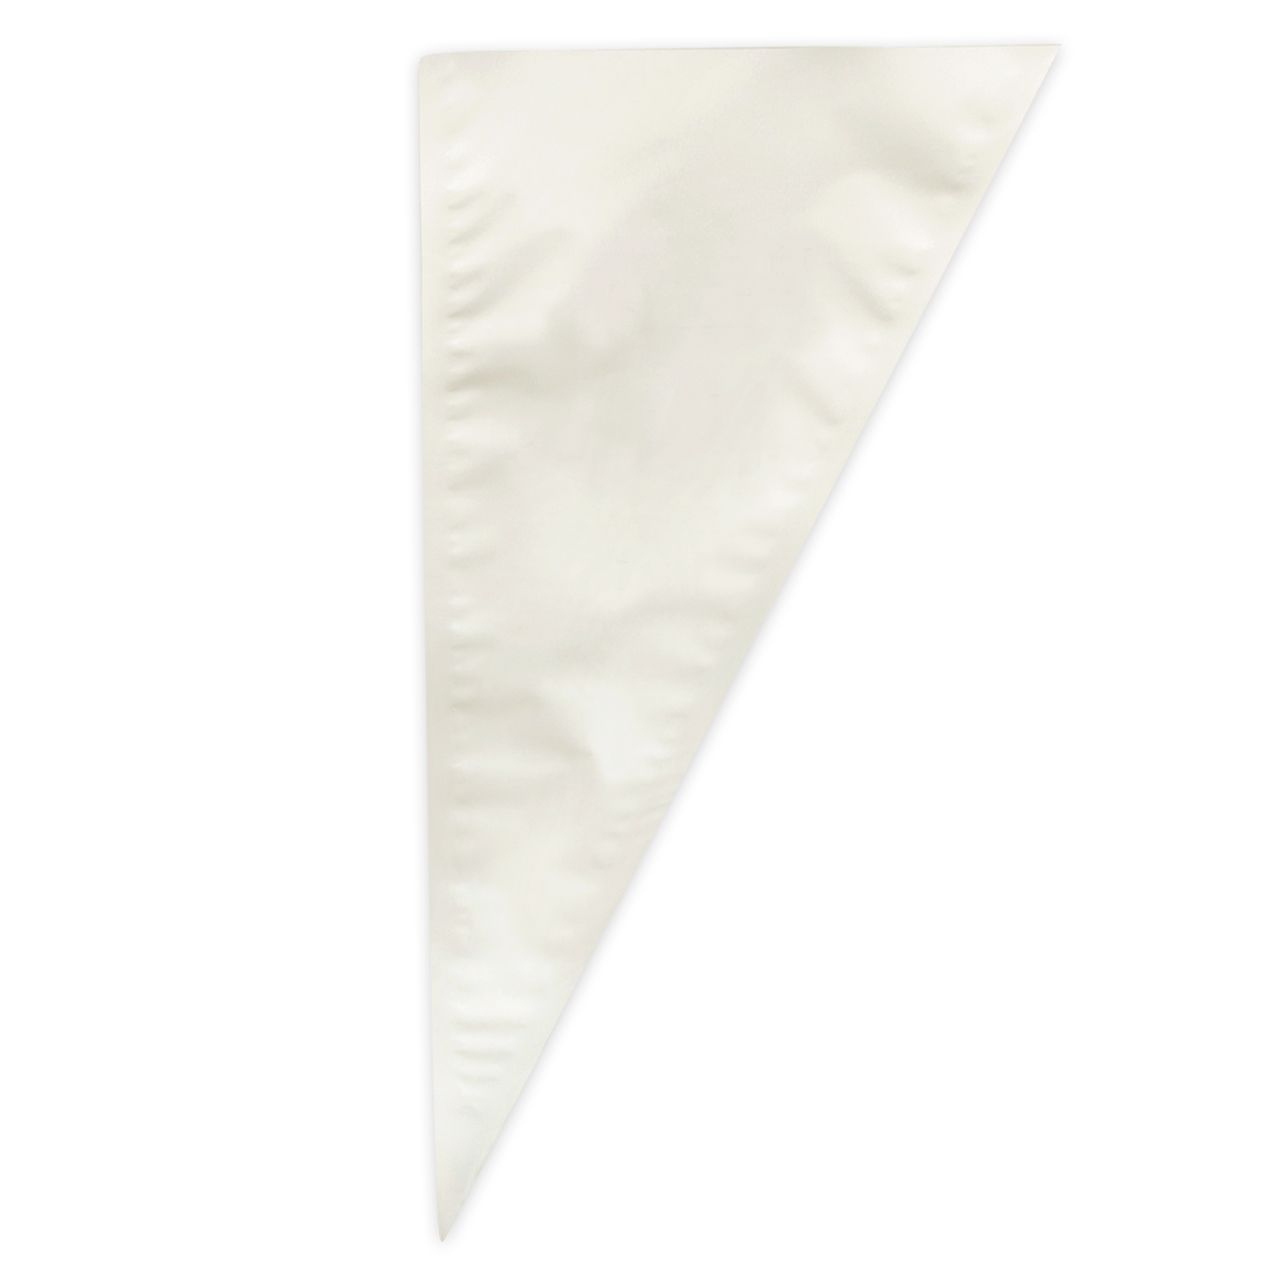 Saco para Confeitar Descartável Gigante 26 x 47cm (5 uni) - Mago